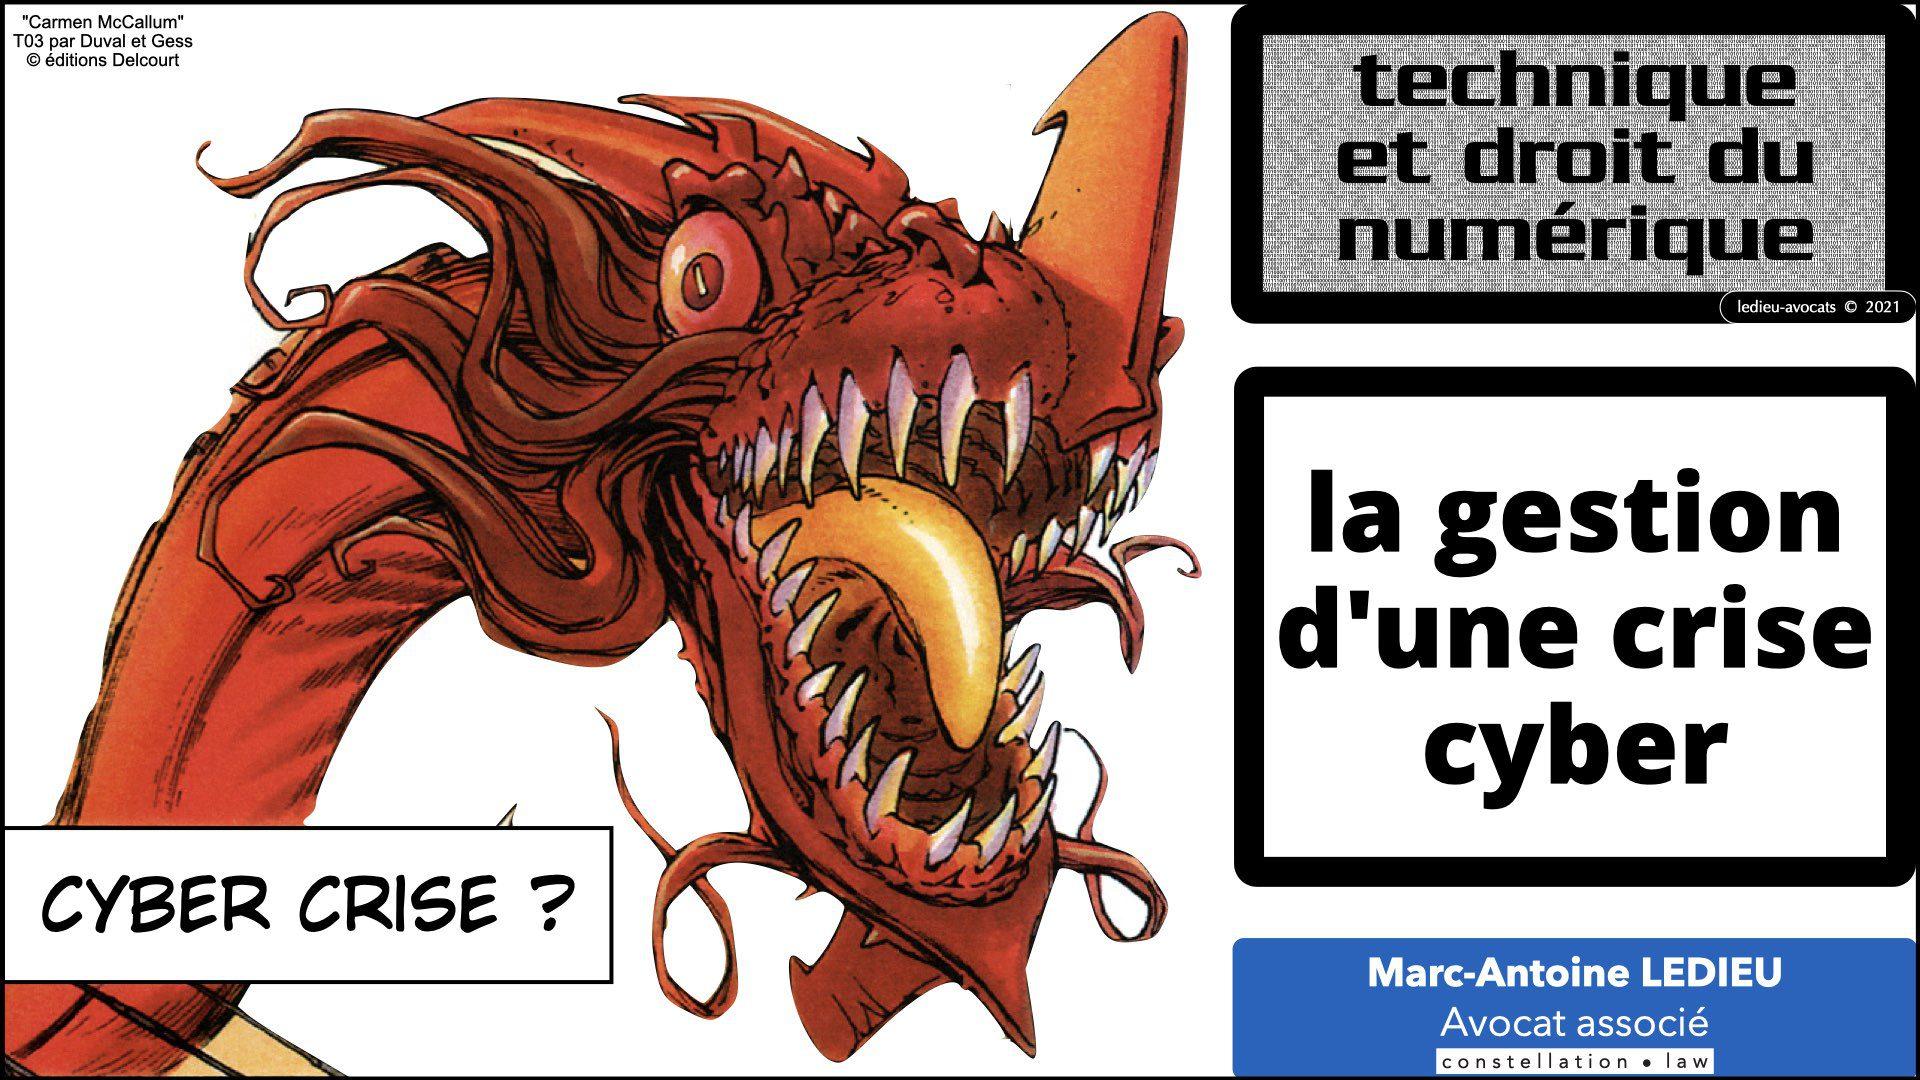 344 GESTION CRISE CYBER © Ledieu-Avocats technique droit numérique